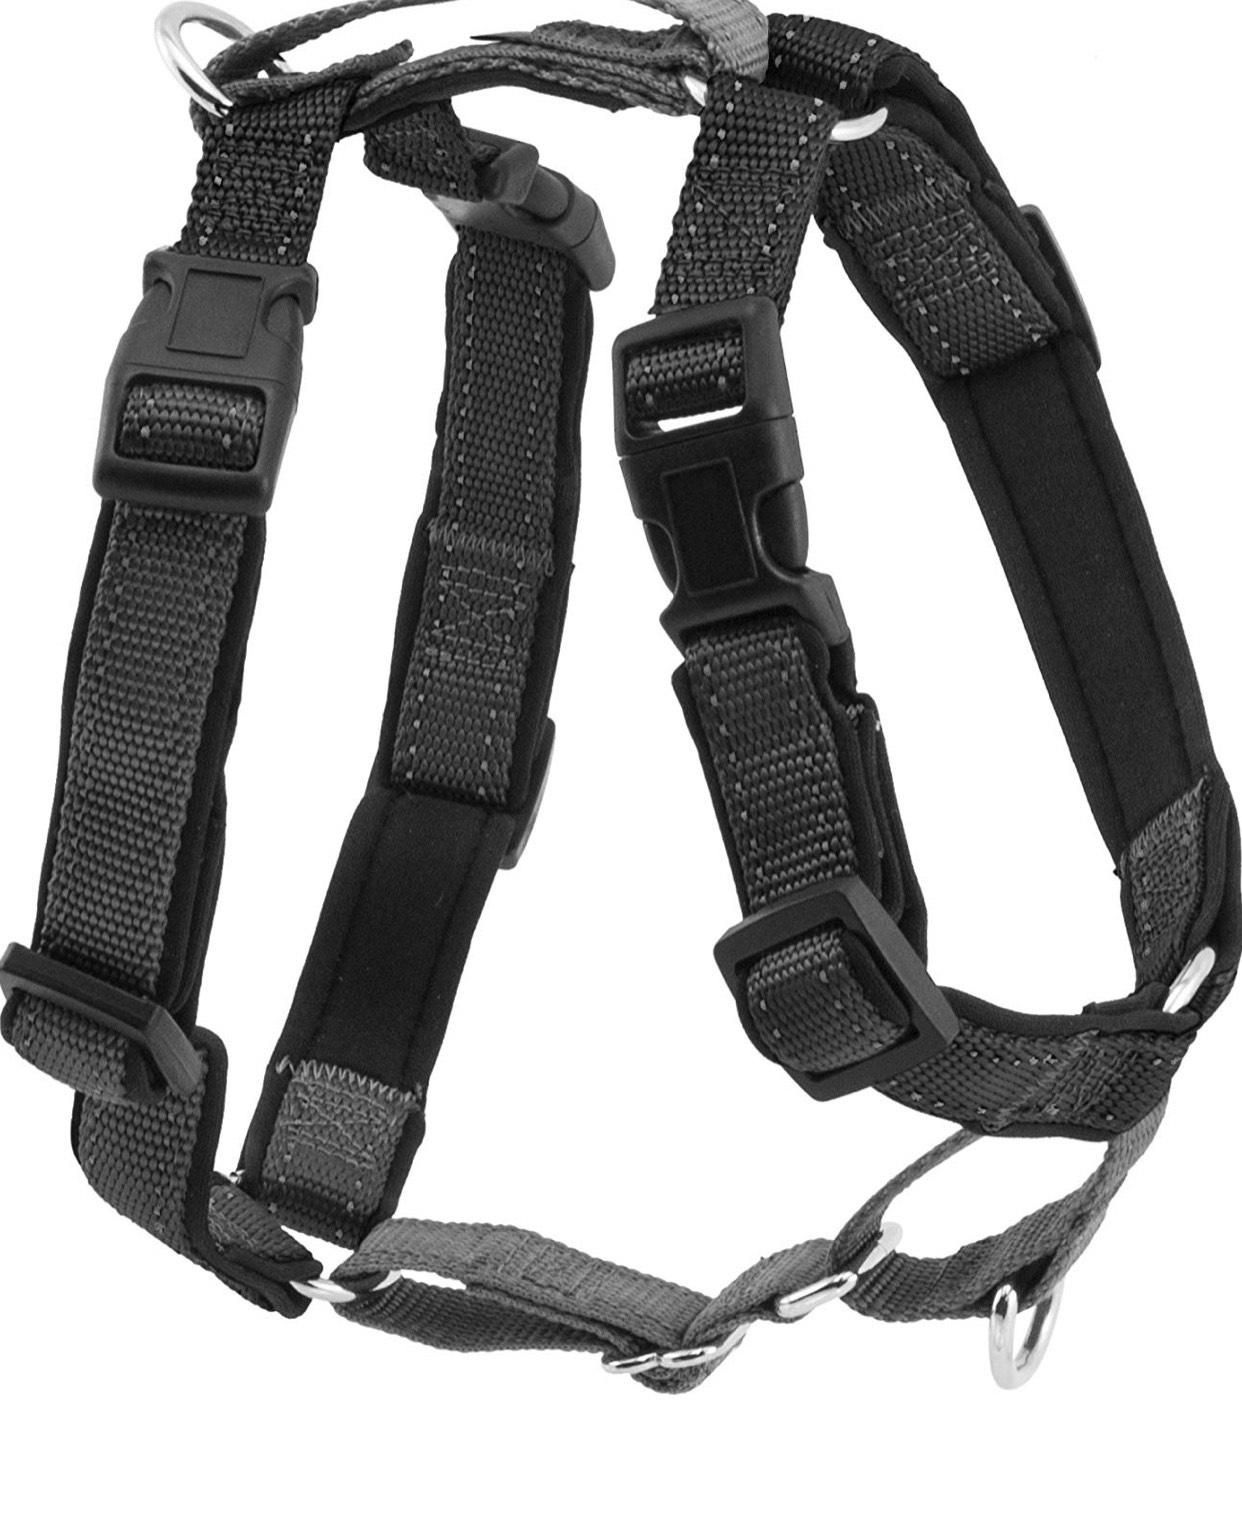 Harnais 3-en-1 PetSafe pour Chien Rembourré Noir (M) - Ceinture de Sécurité pour Utilisation en Voiture / Harnais Anti-Traction